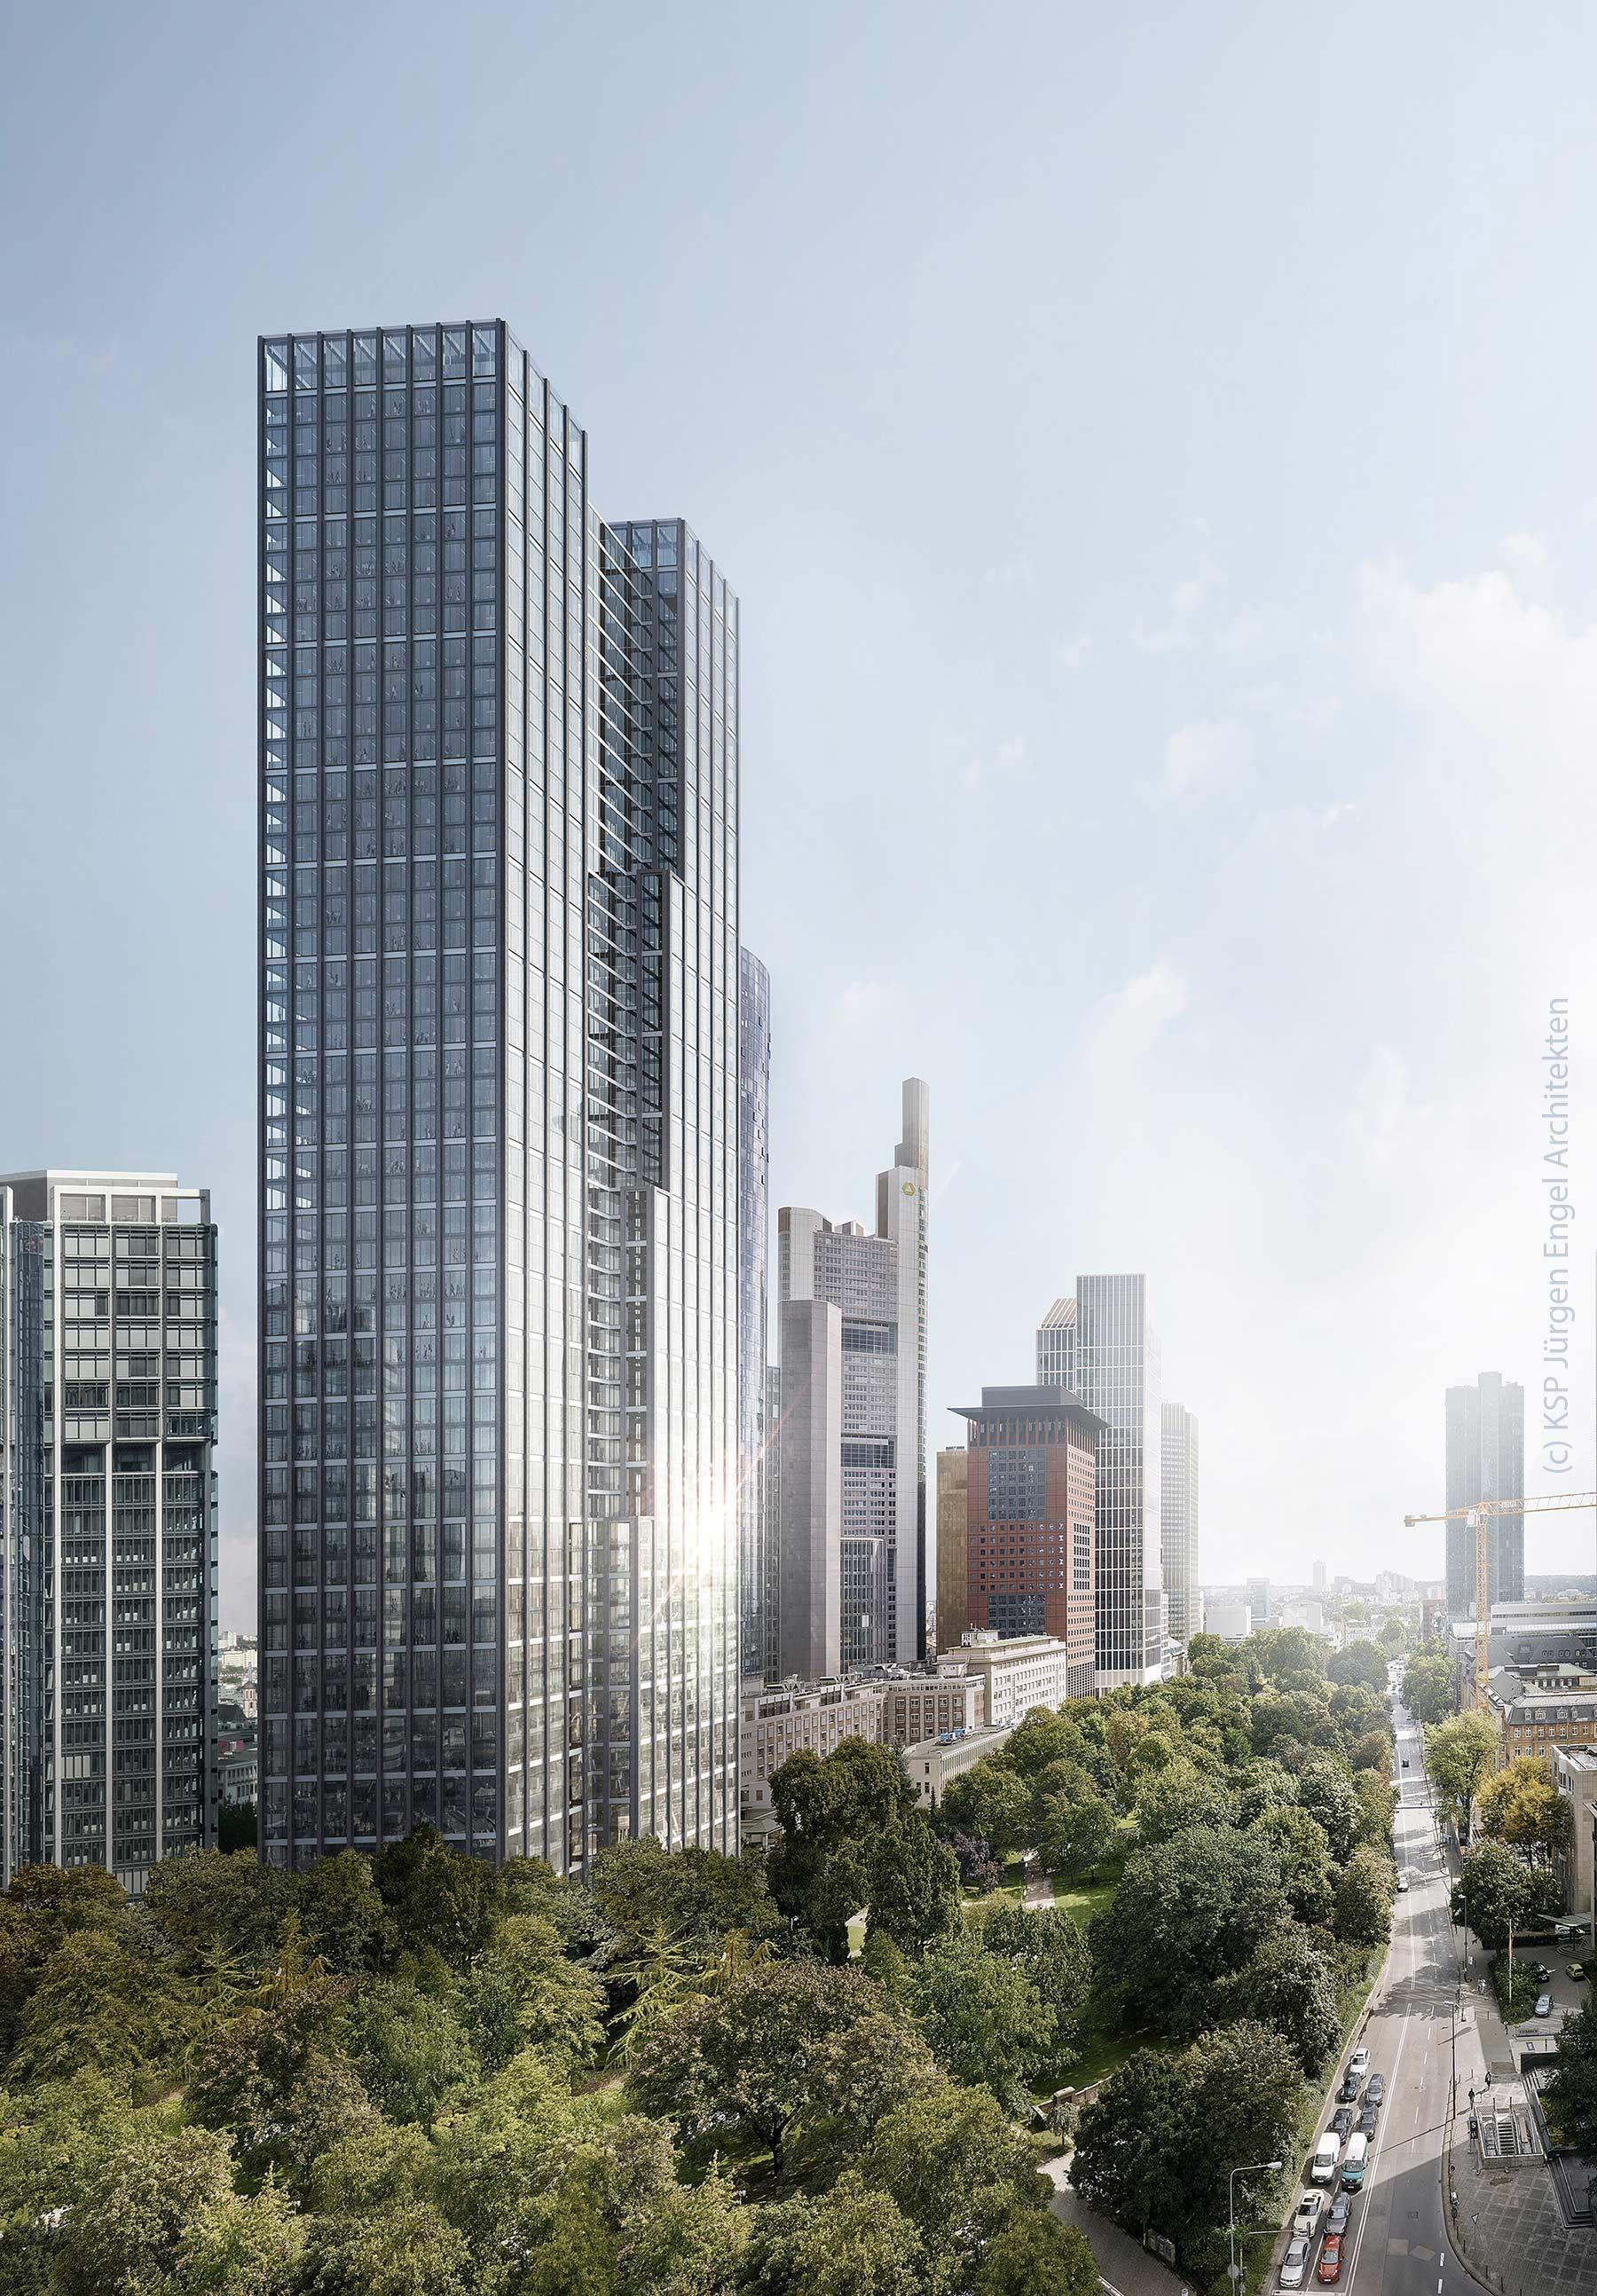 Hochhauskomplex Neue Mainzer Straße in Frankfurt am Main - Helaba Hochhaus - KSP Jürgen Engel Architekten - Rendering